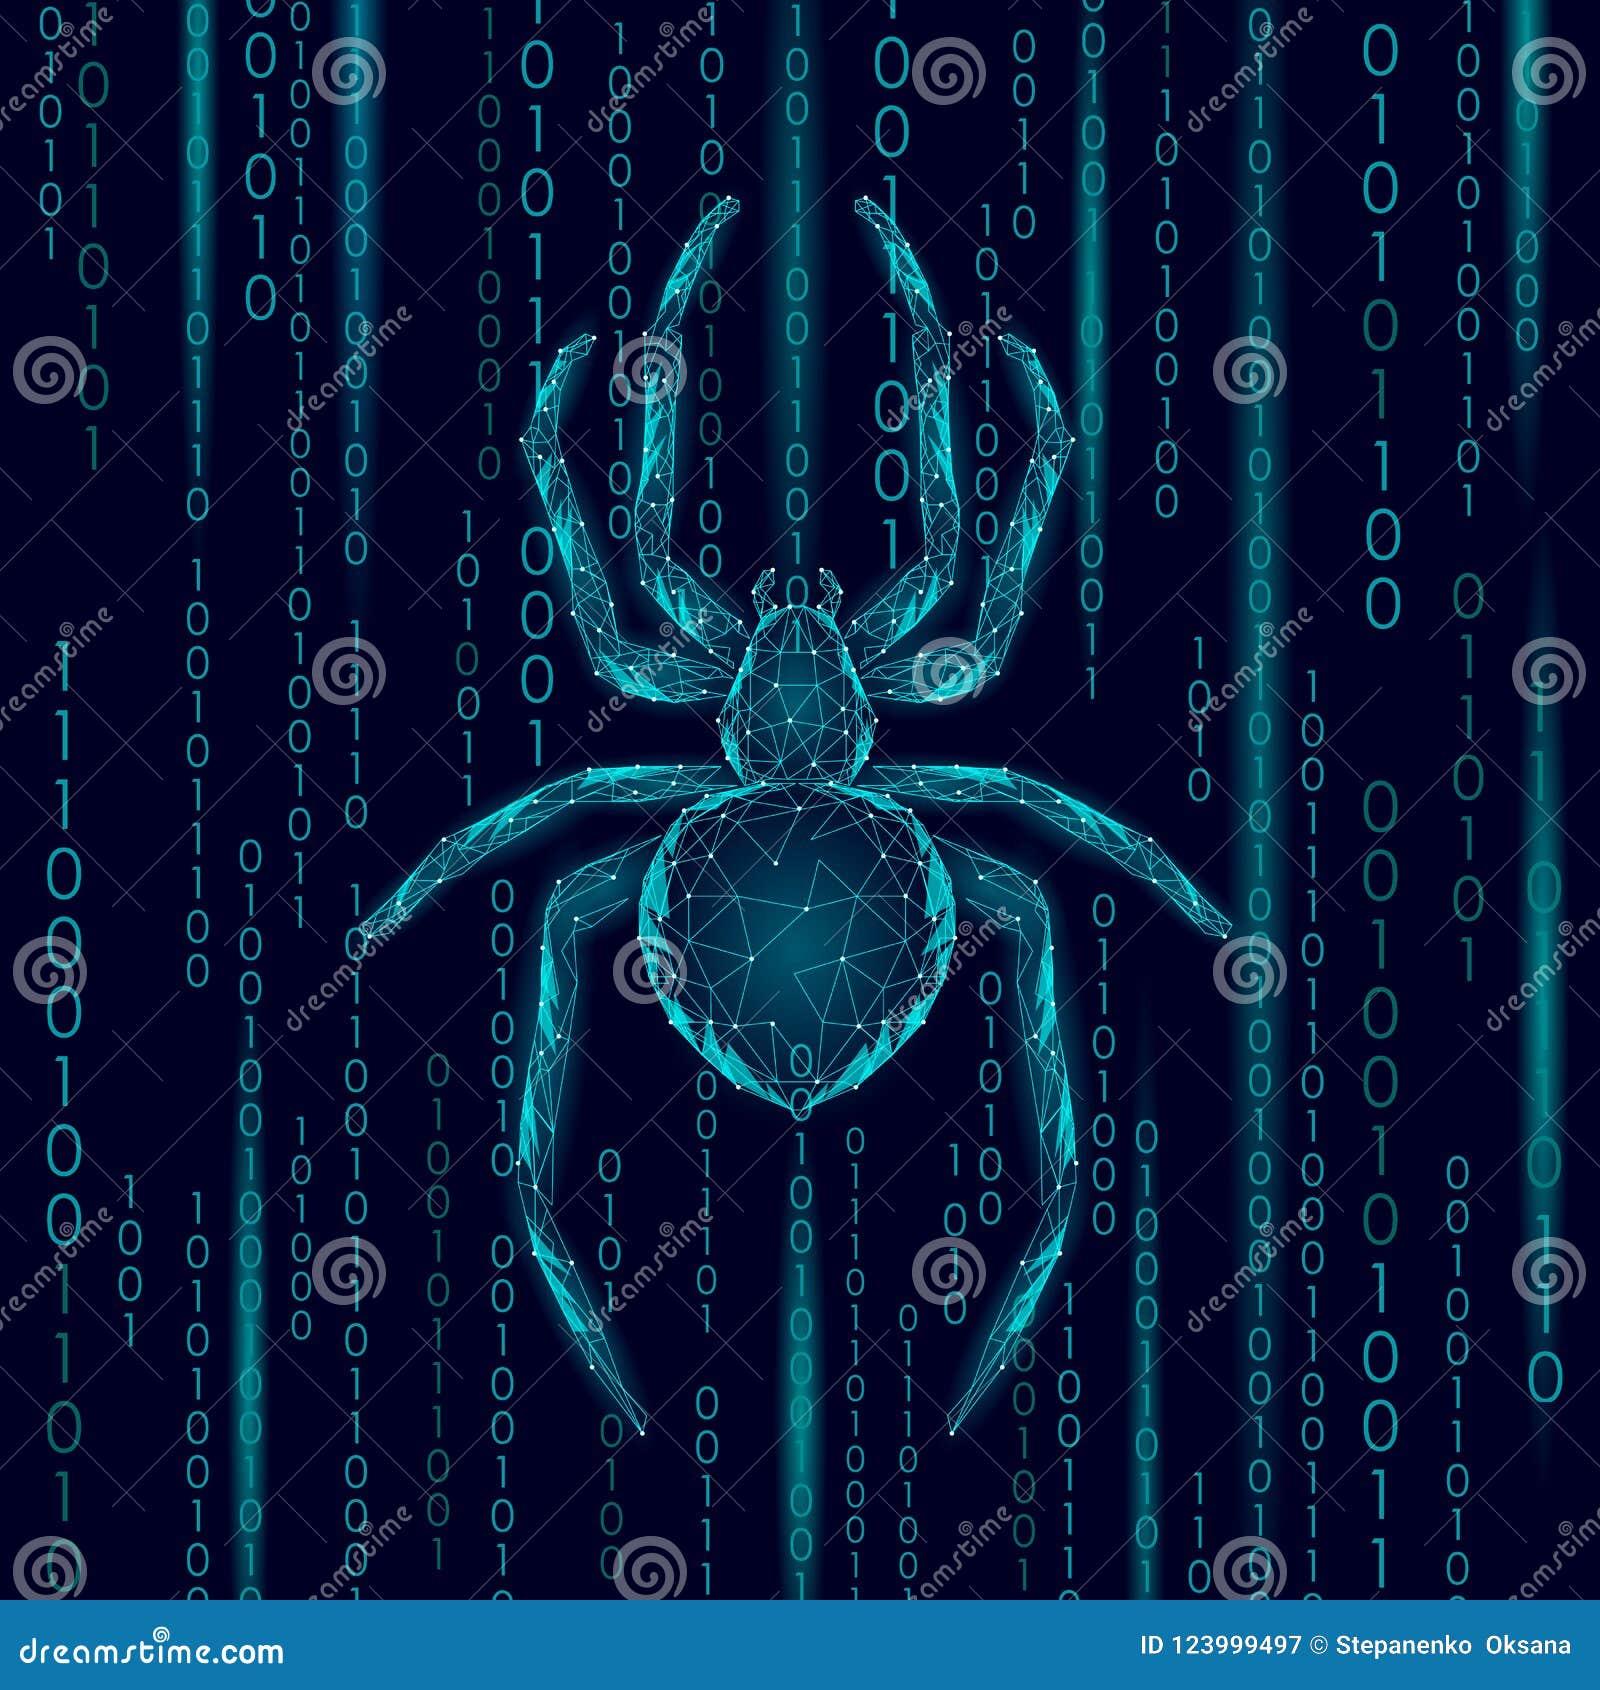 Низкая поли опасность нападения хакера паука Концепция антивируса безопасности данным по вируса безопасностью сети Полигональное